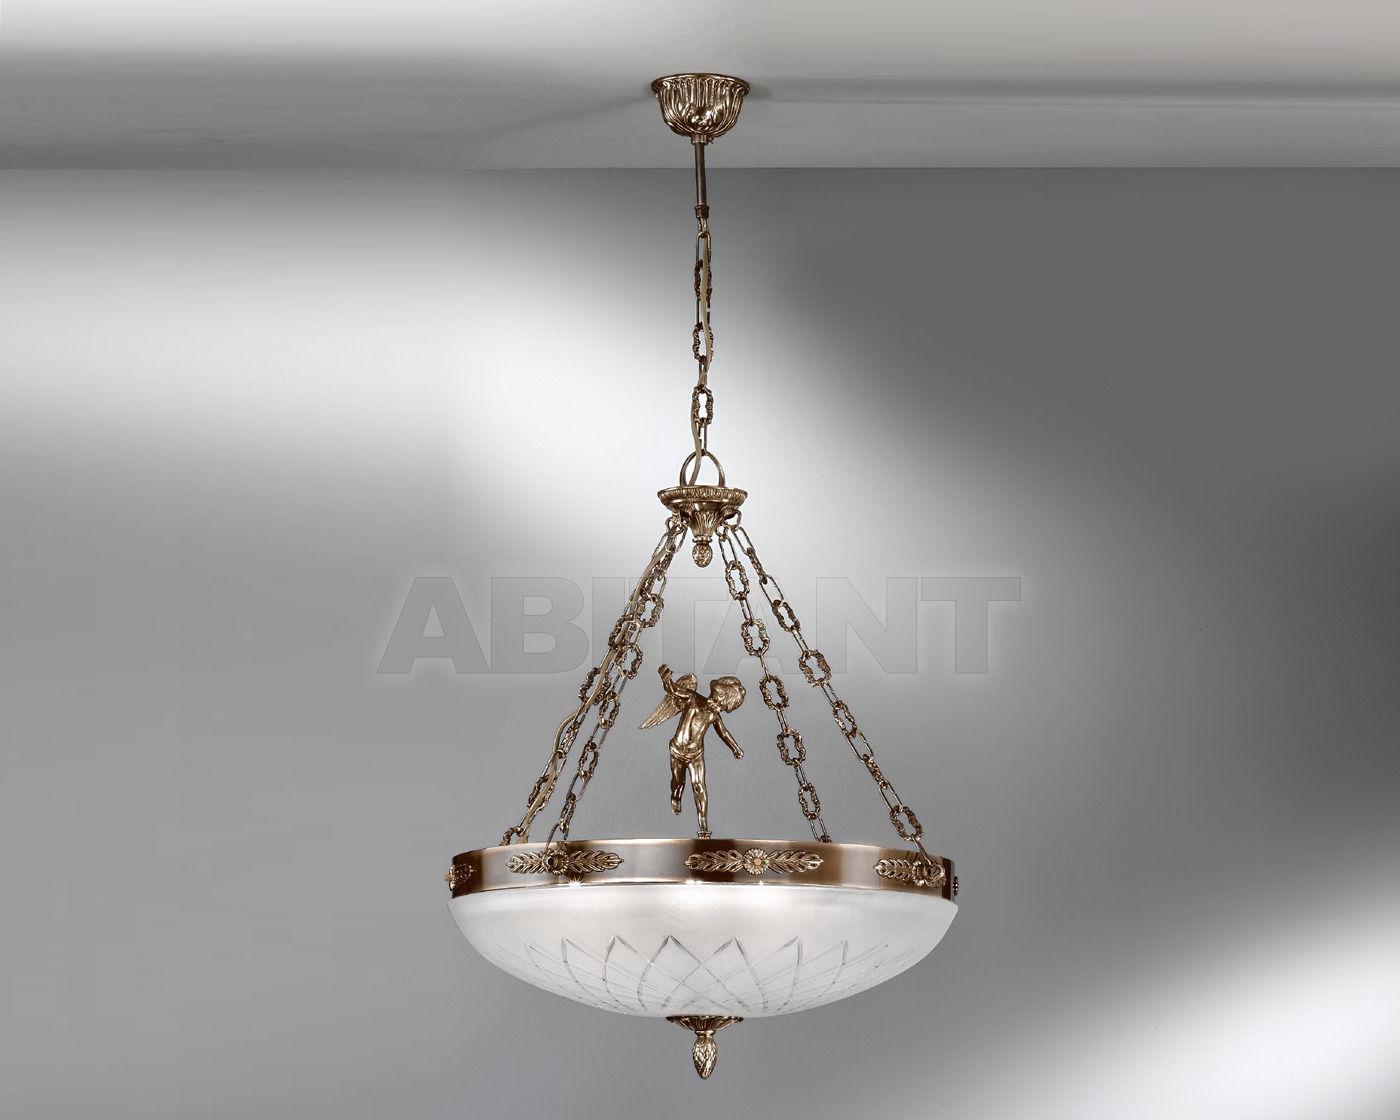 Купить Светильник Nervilamp Snc Nervilamp 2013 710/8 S